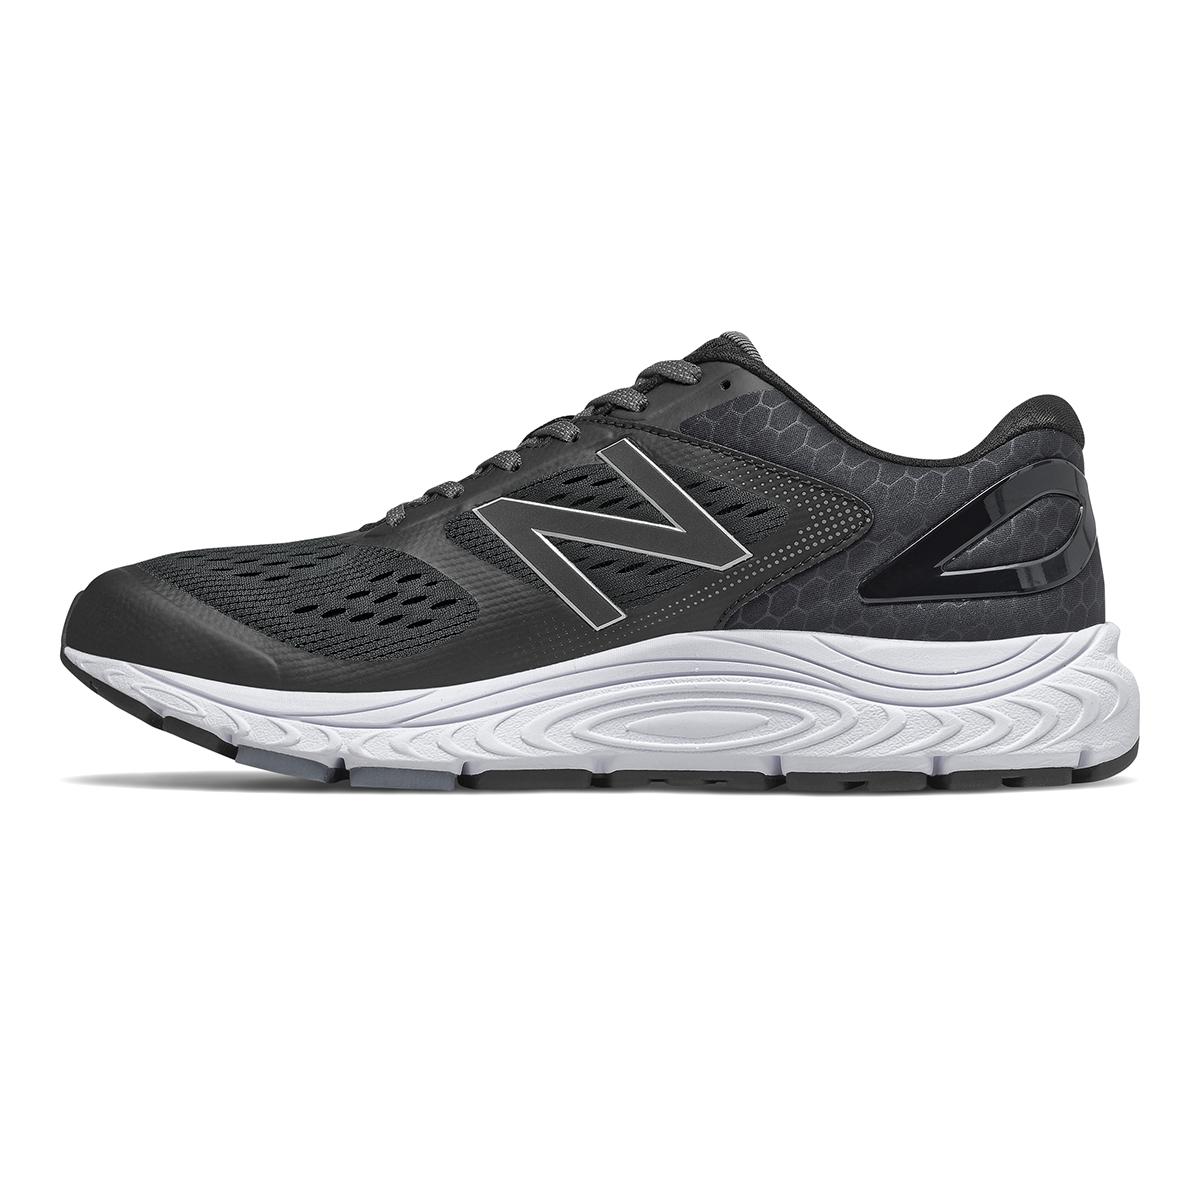 Men's New Balance 840V4 Walking Shoe - Color: Black - Size: 7 - Width: Wide, Black, large, image 2